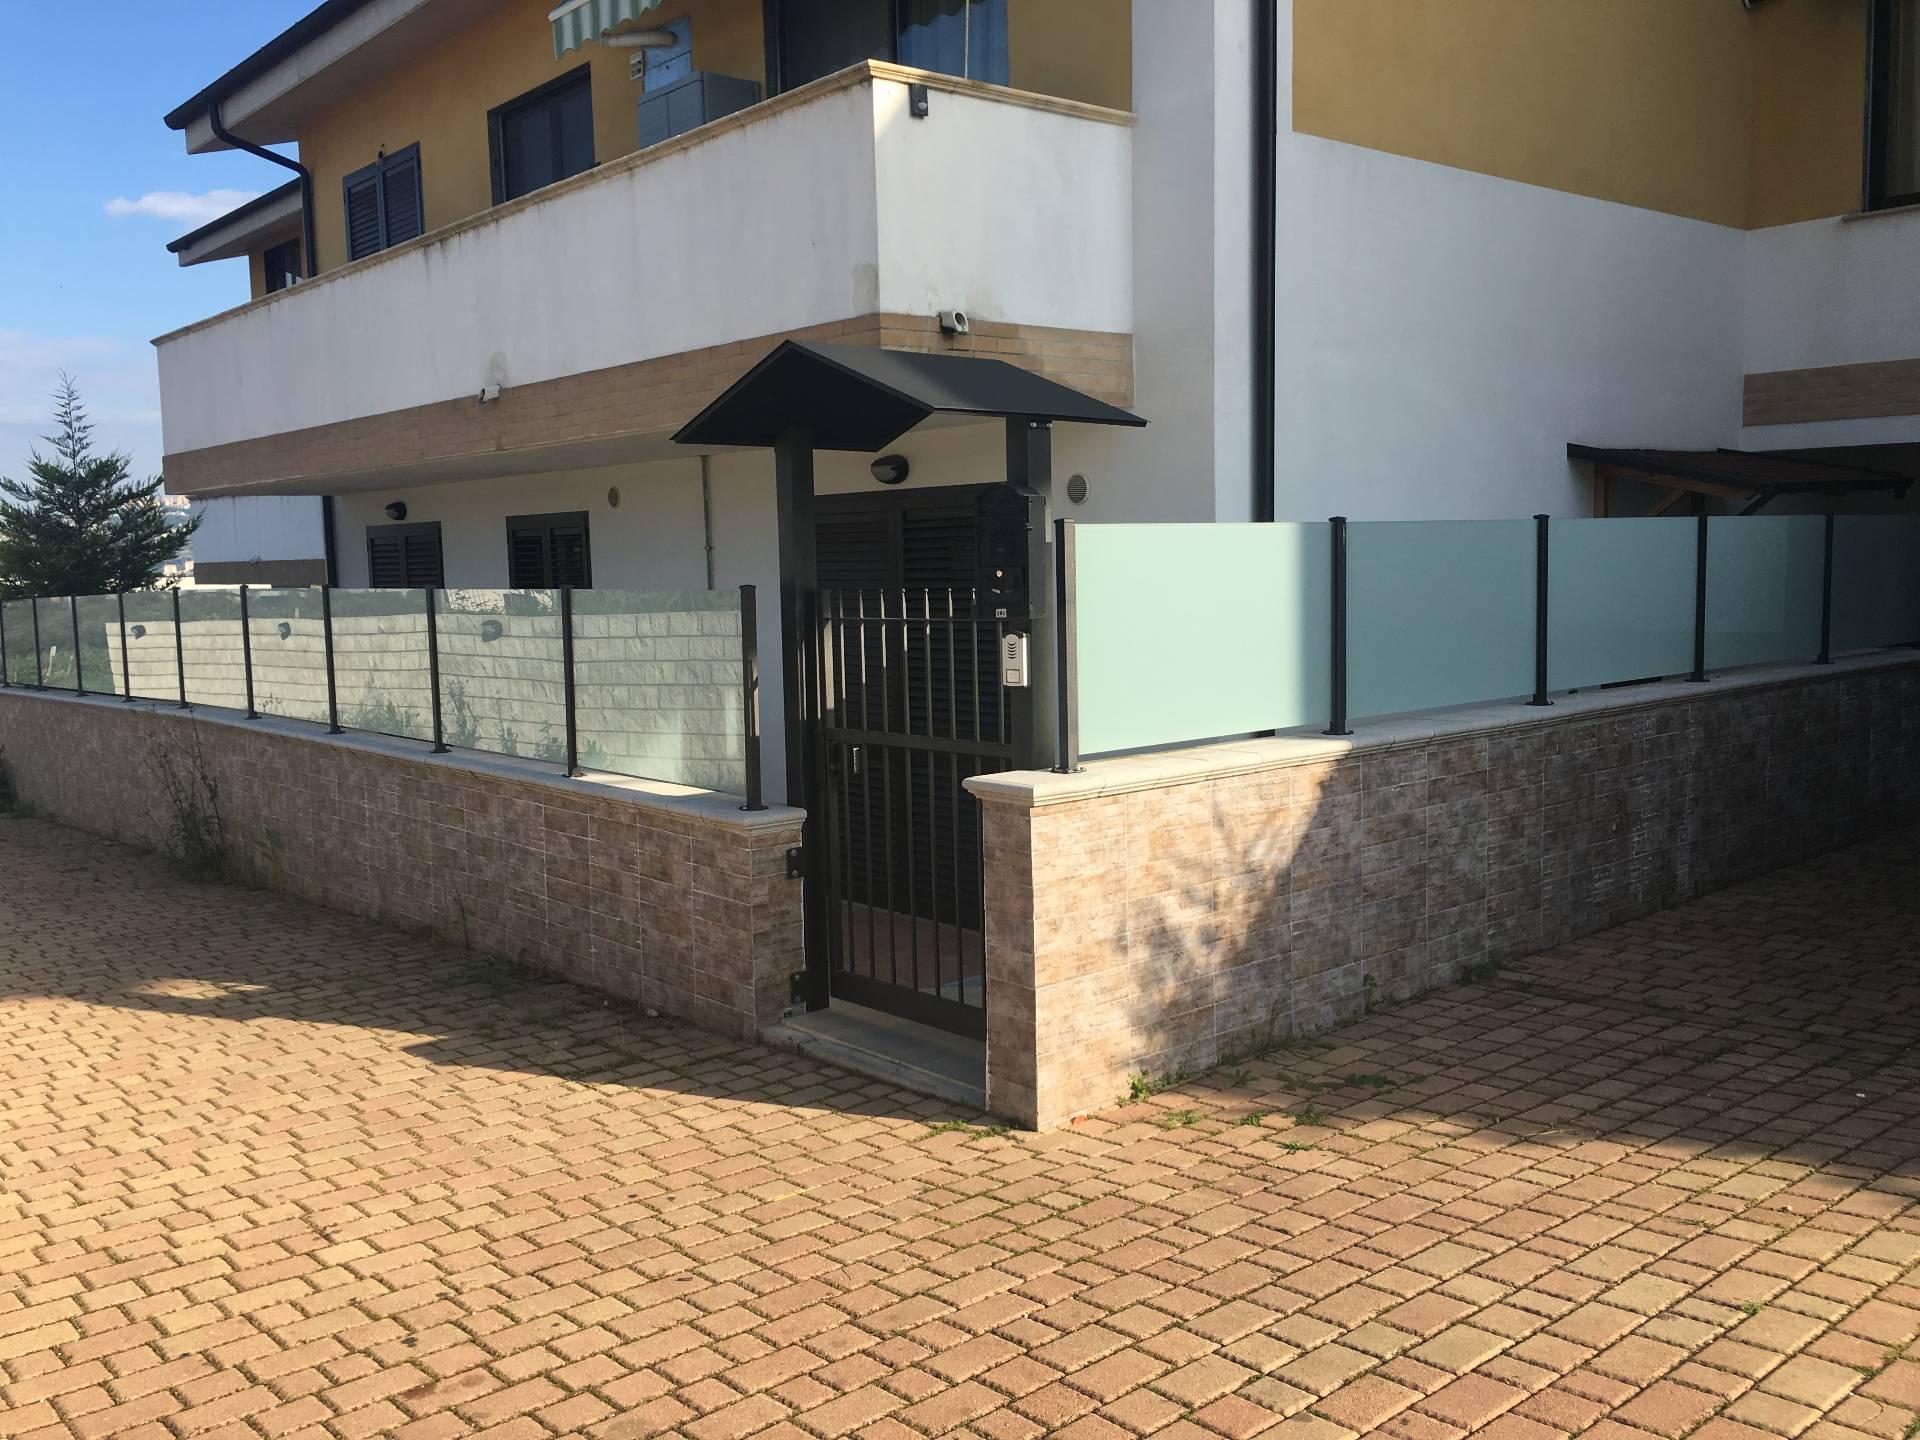 Appartamento in vendita a Pianella, 4 locali, prezzo € 115.000 | CambioCasa.it